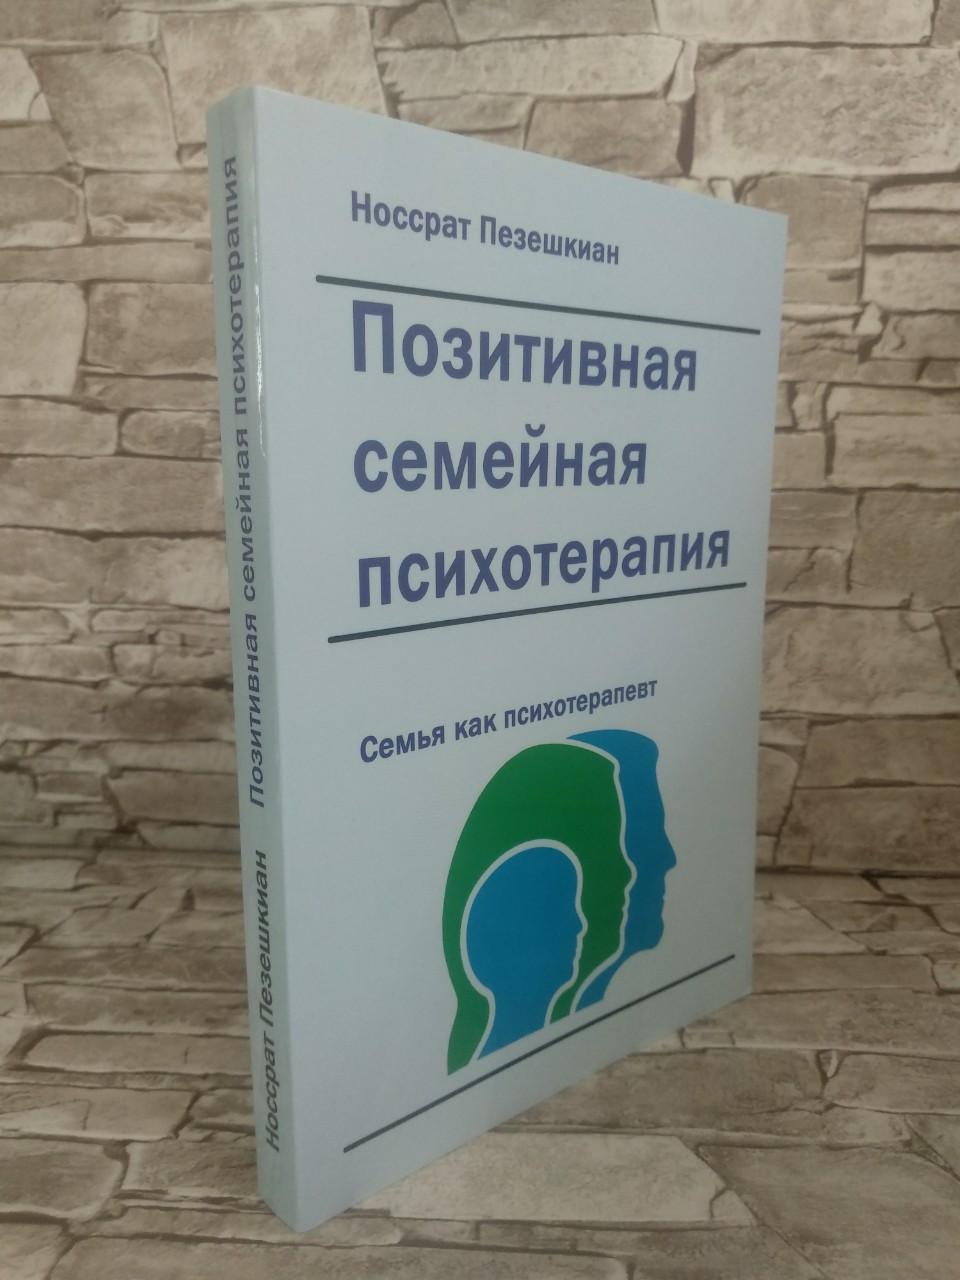 """Книга """"Позитивная семейная психотерапия: семья как терапевт"""" Носсрат Пезешкиан"""